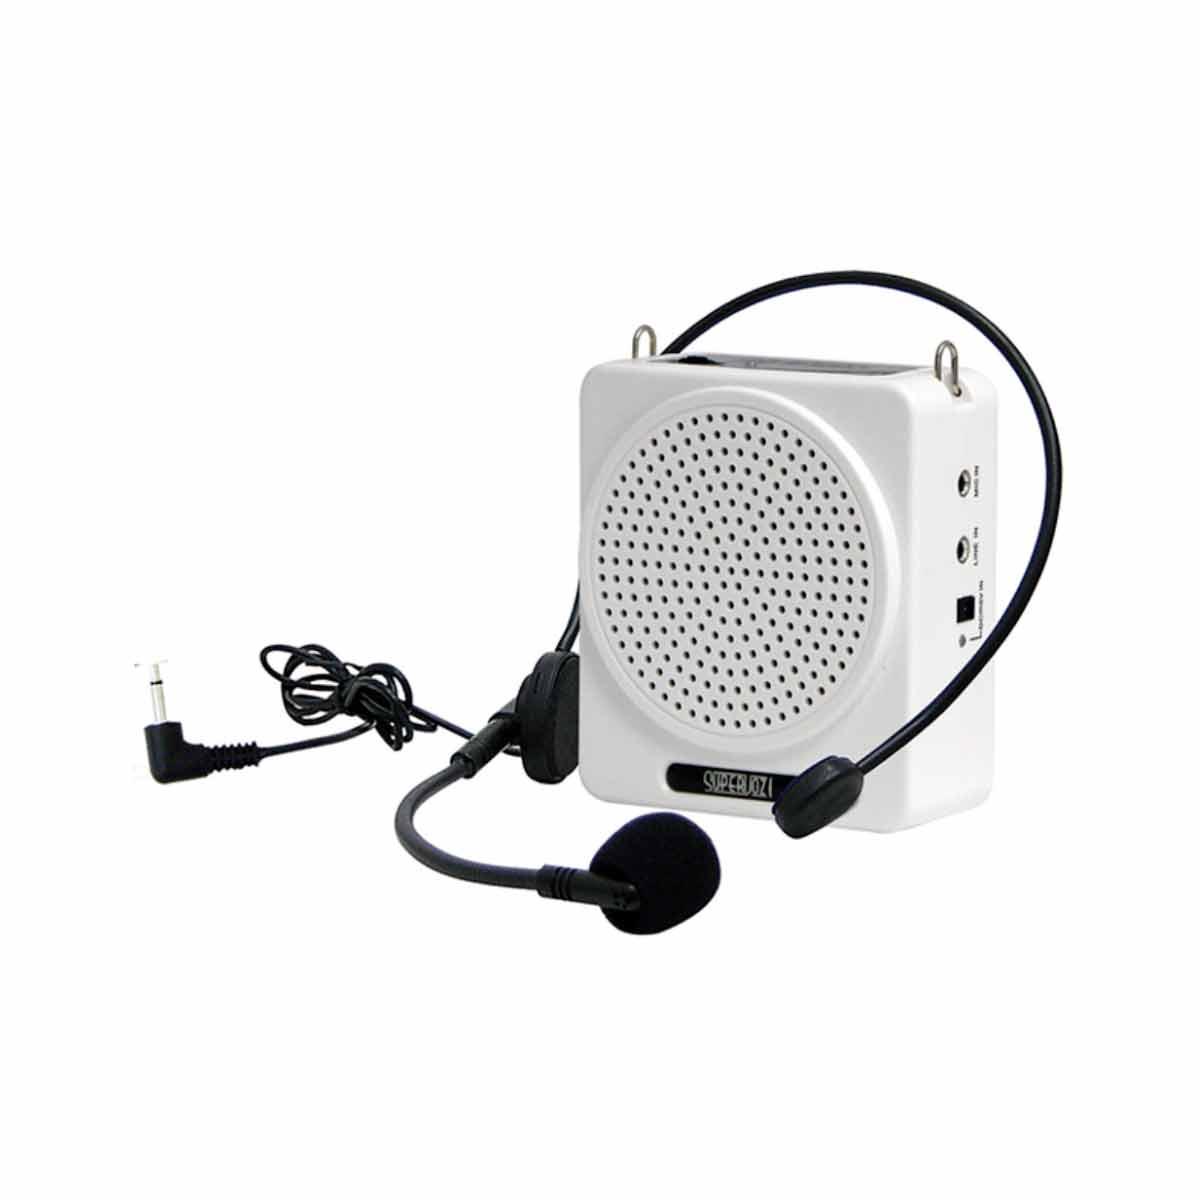 Kit Professor Portátil c/ Caixa + Microfone c/ Fio Supervoz I TSI 625 Branco - TSI